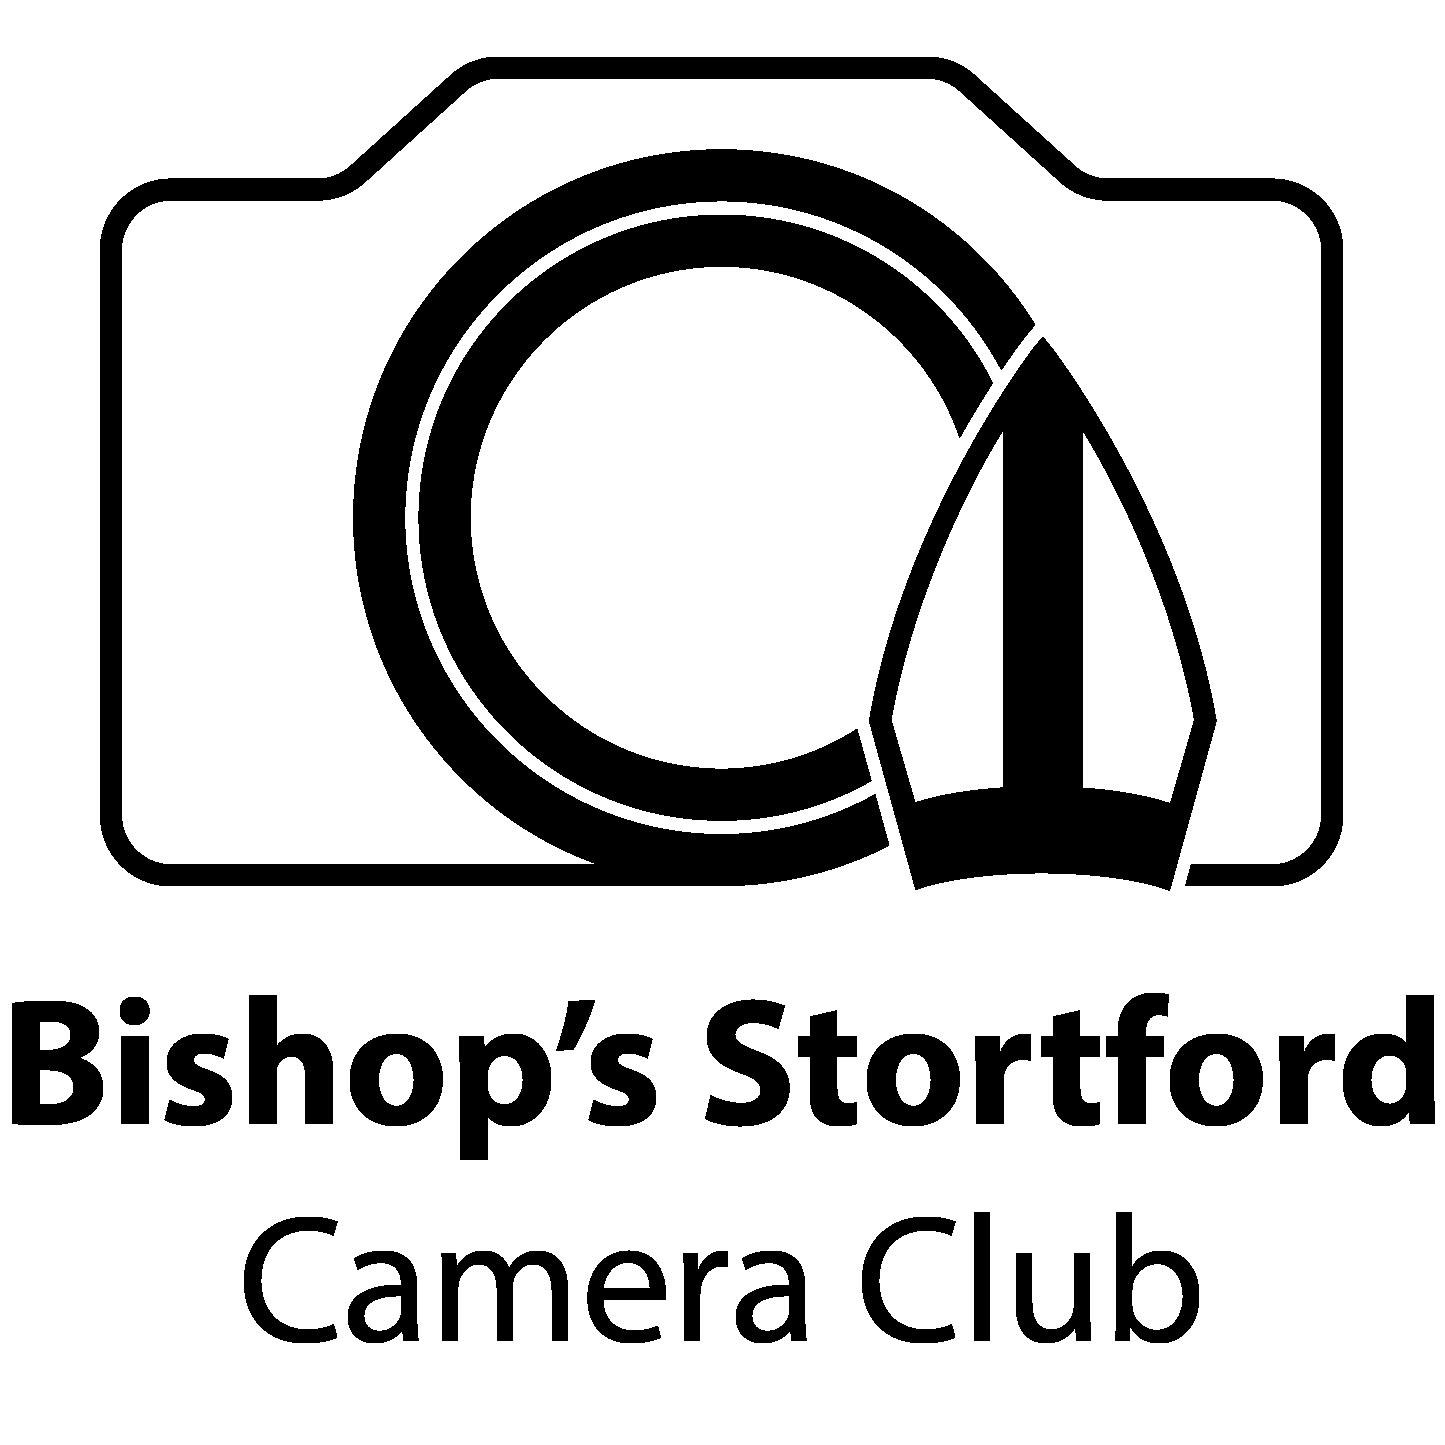 Bishop's Stortford Camera Club Logo